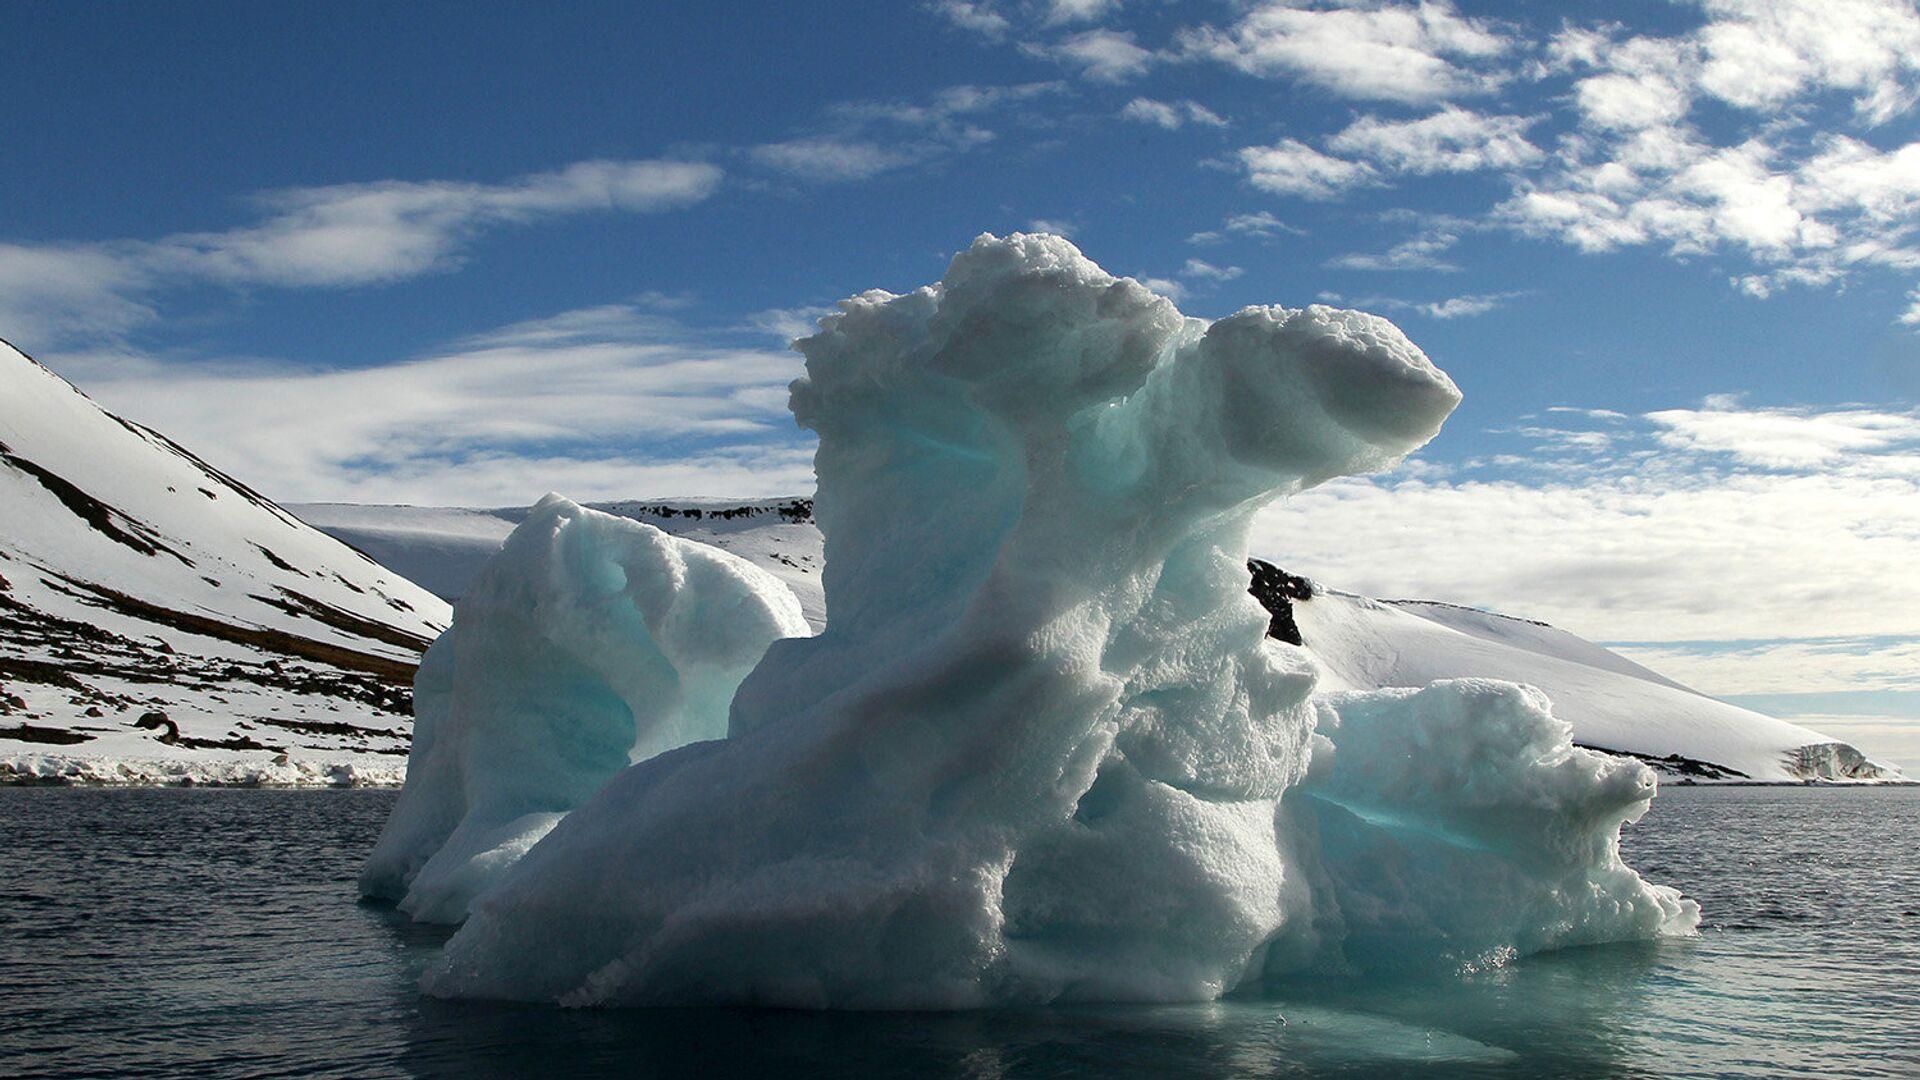 Путин дал поручение по подготовке к председательству в Арктическом совете